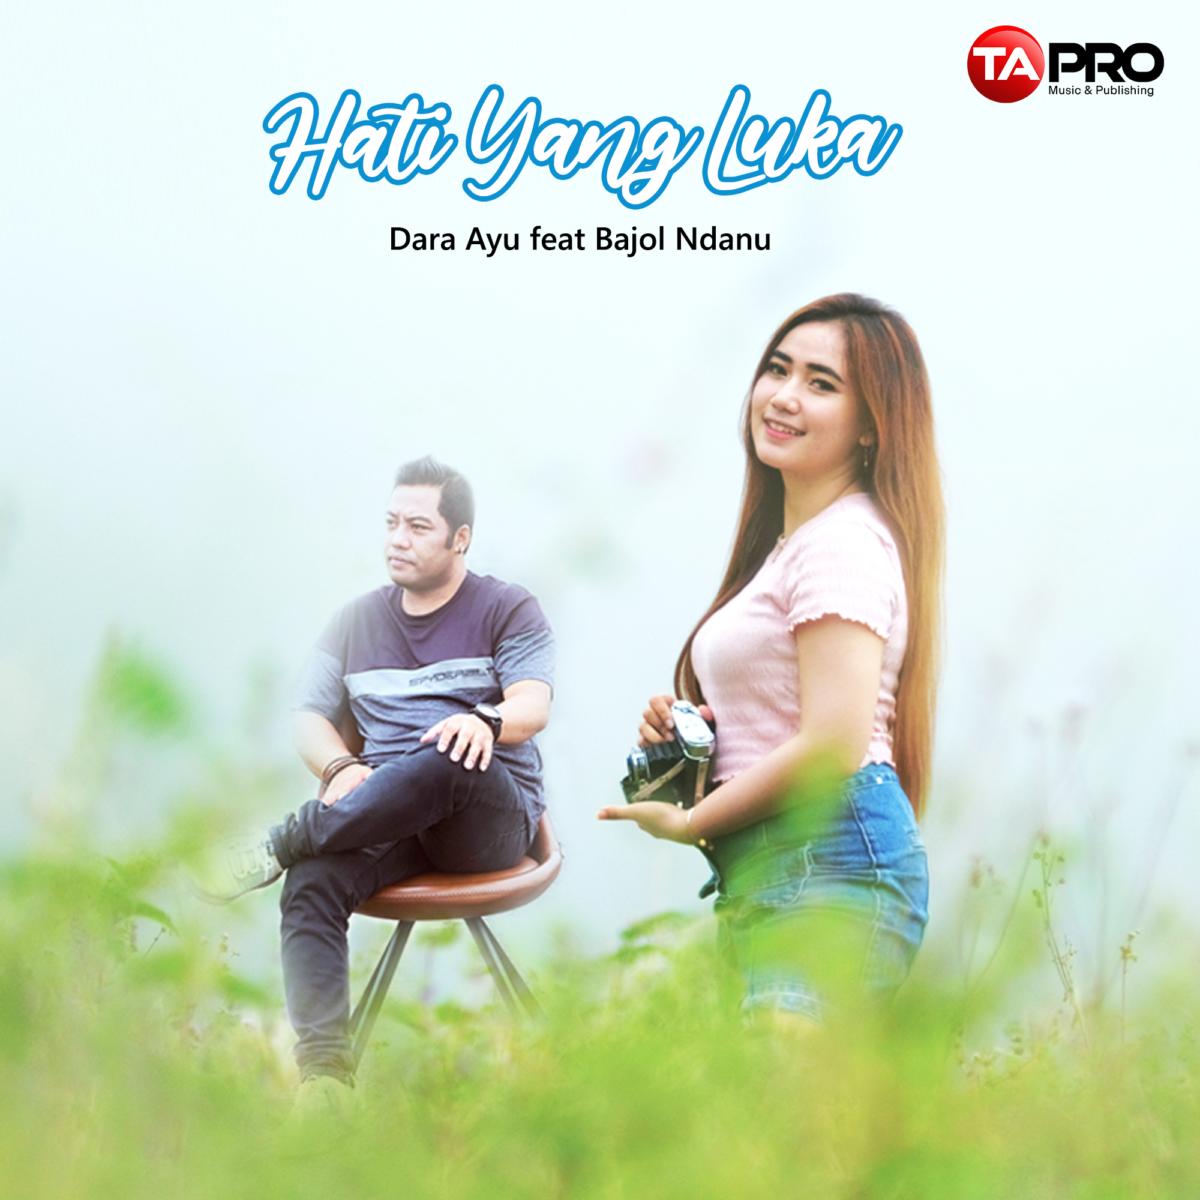 Hati Yang Luka, Nostalgia oleh Dara Ayu feat Bajol Ndanu